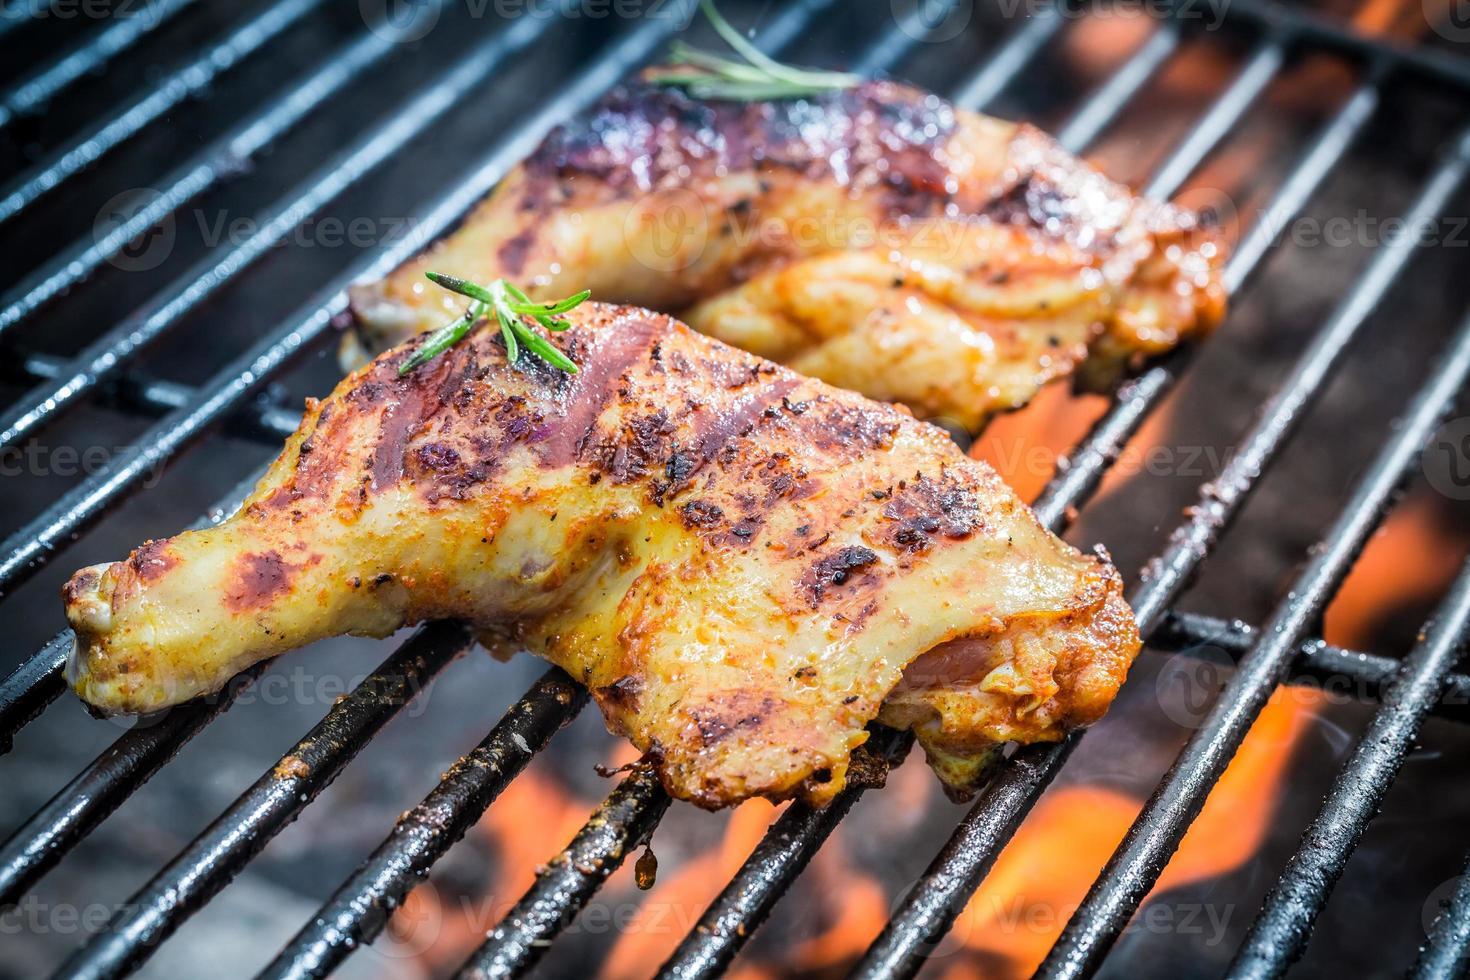 Cosce di pollo arrosto alla brace con il fuoco foto